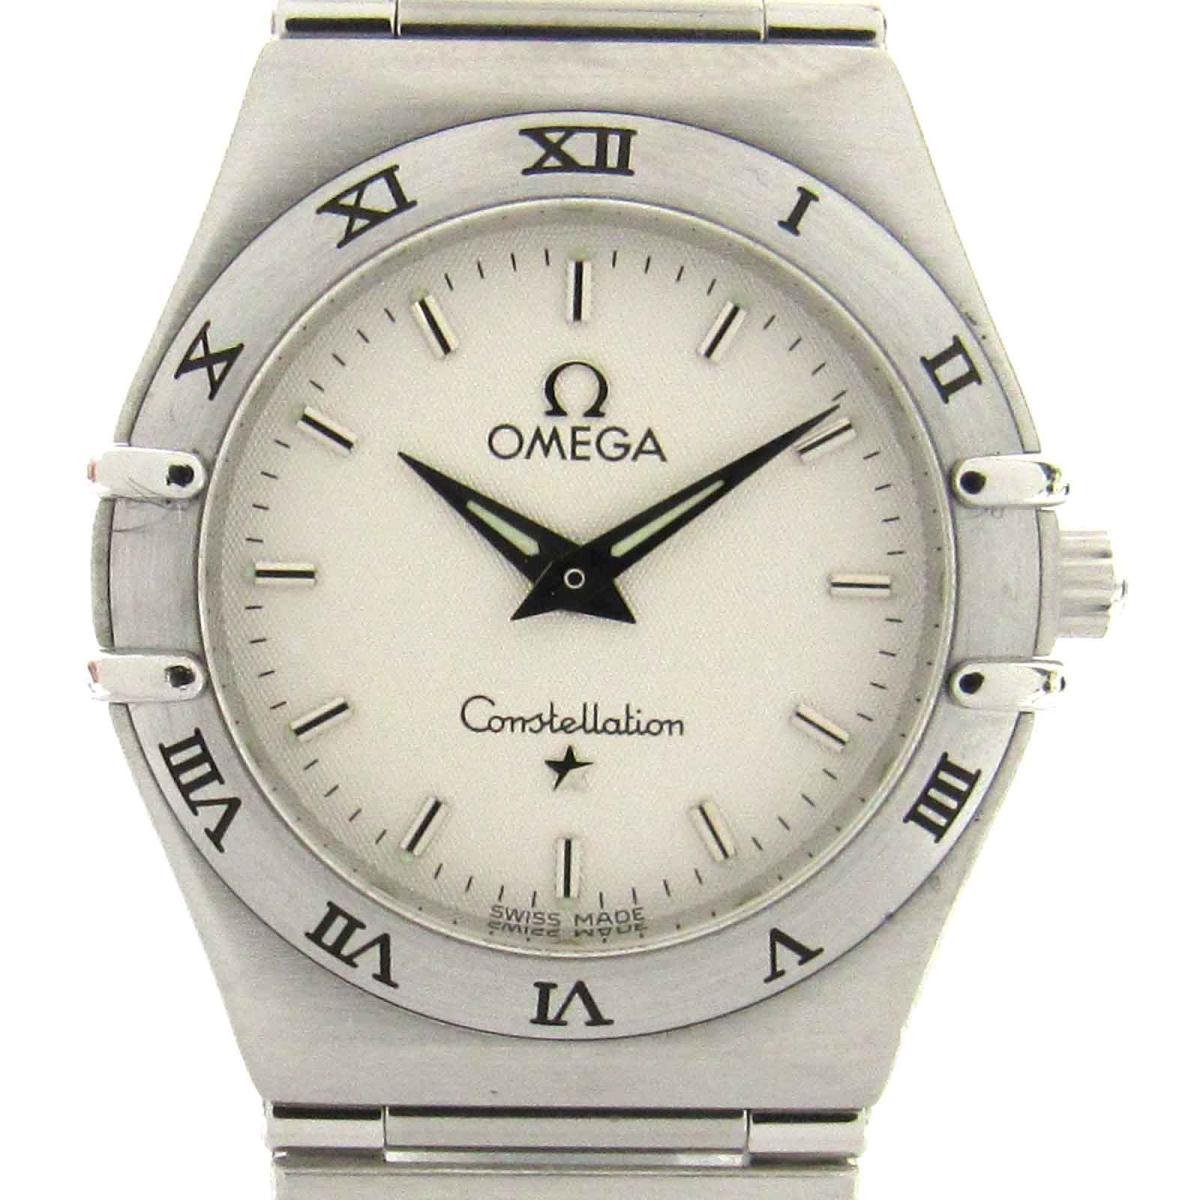 【中古】 オメガ コンステレーション ウォッチ 腕時計 レディース ステンレススチール (SS) | OMEGA クオーツ クォーツ 時計 コンステレーション 美品 ブランドオフ